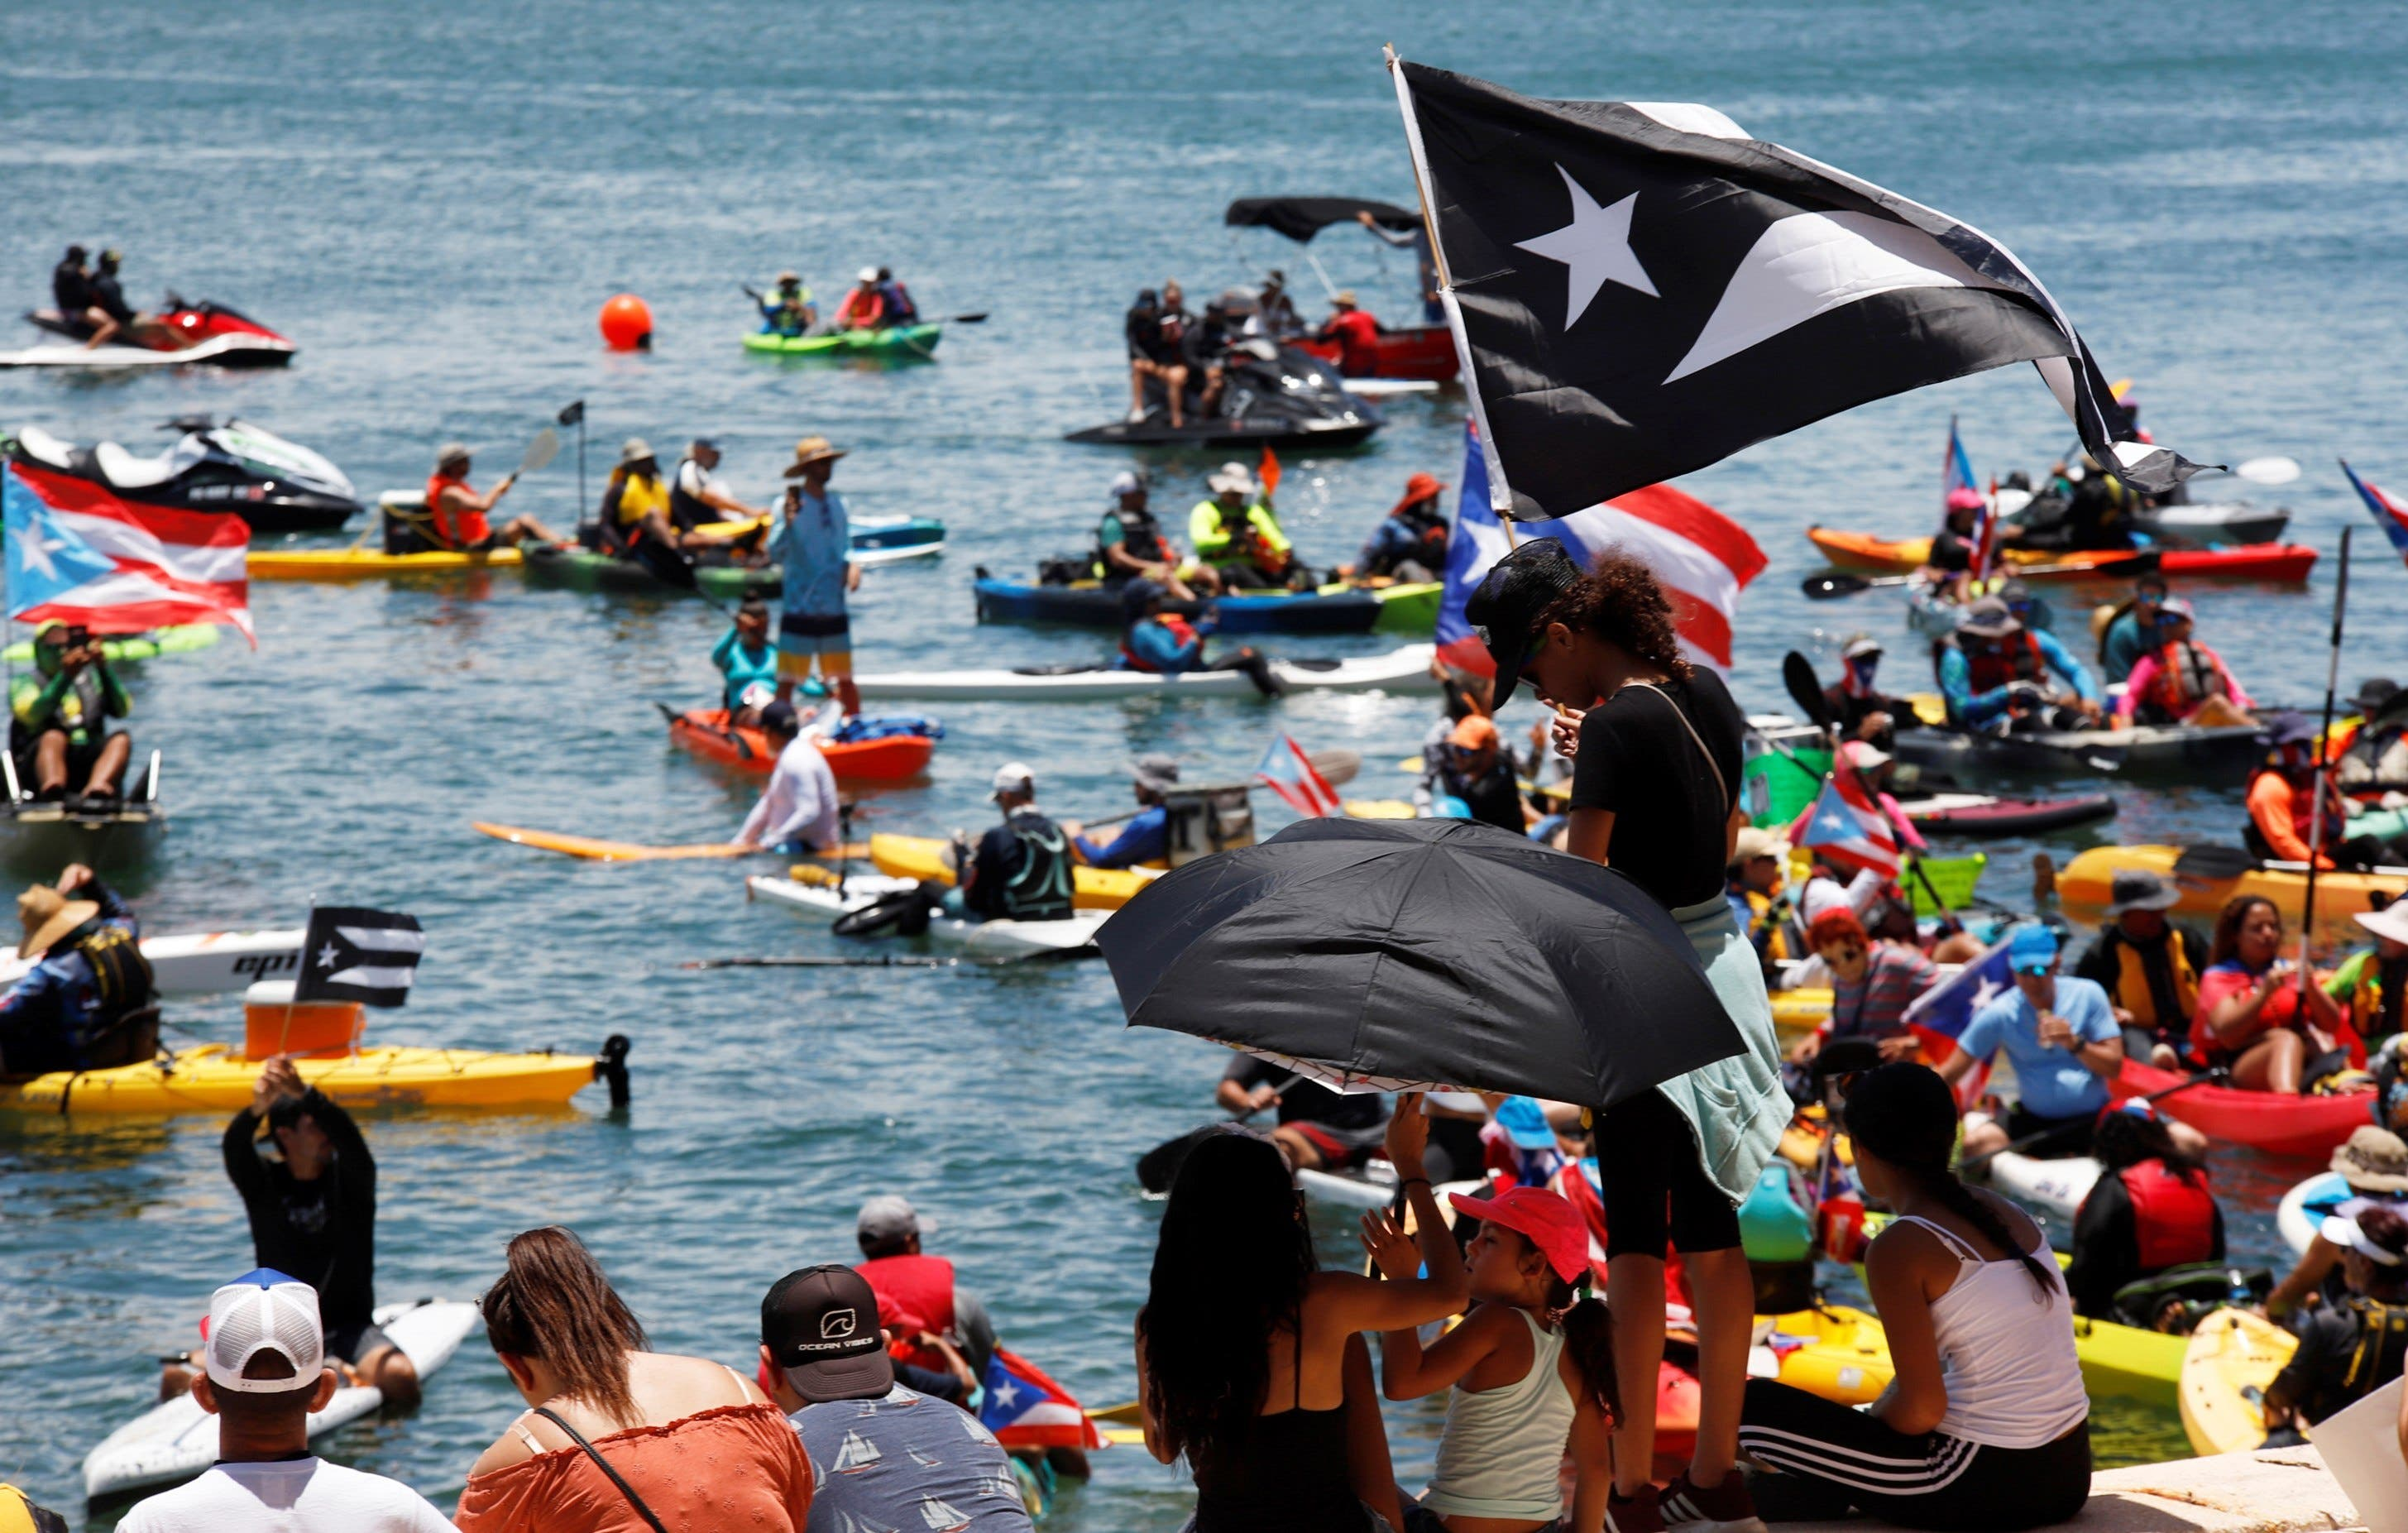 Manifestantes participan en el noveno día de protestas exigiendo la dimisión del gobernador de Puerto Rico Ricardo Rosselló este domingo, en San Juan (Puerto Rico). EFE